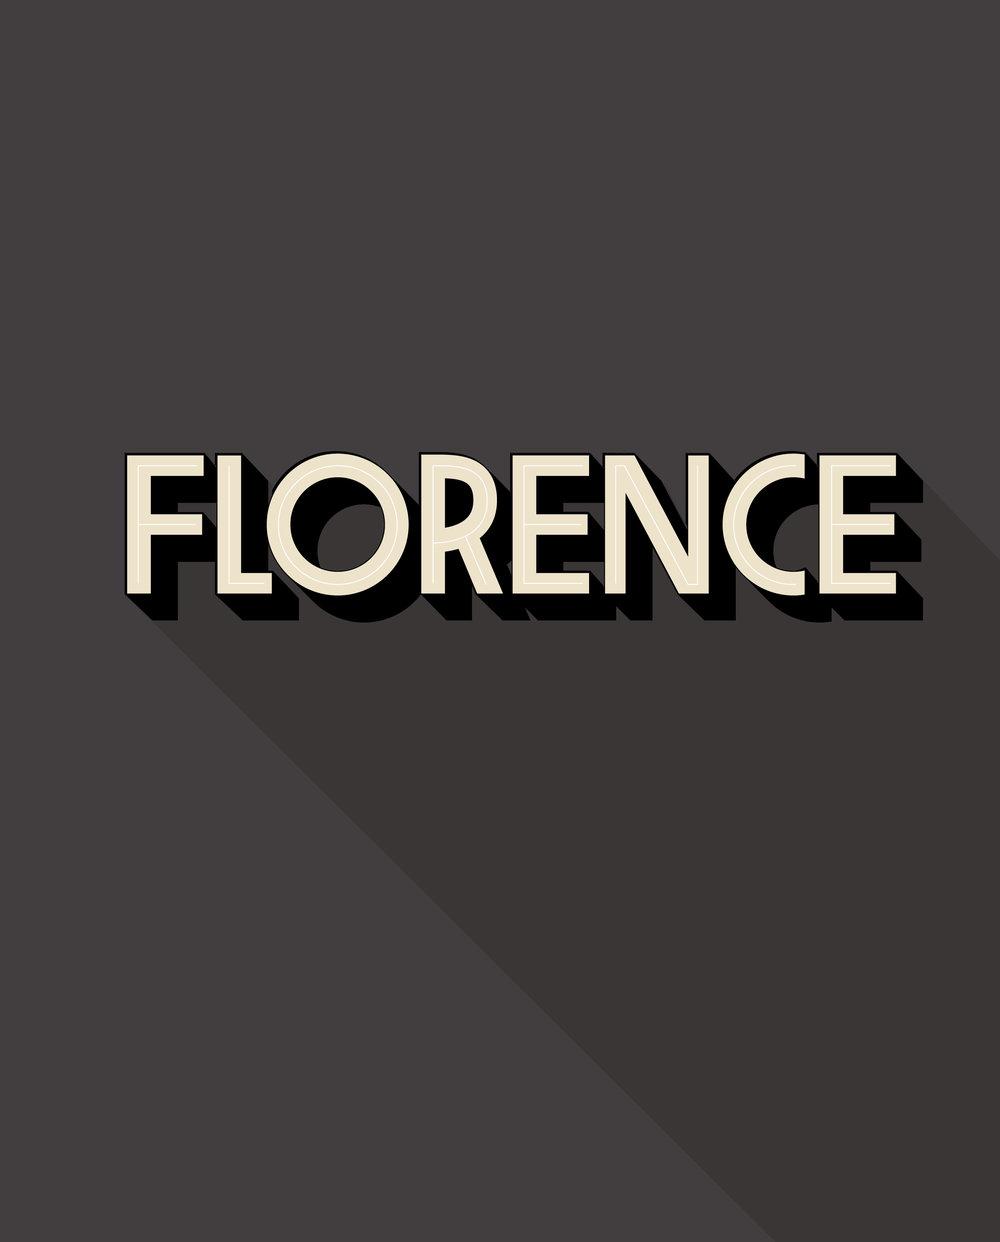 Florence-01.jpg